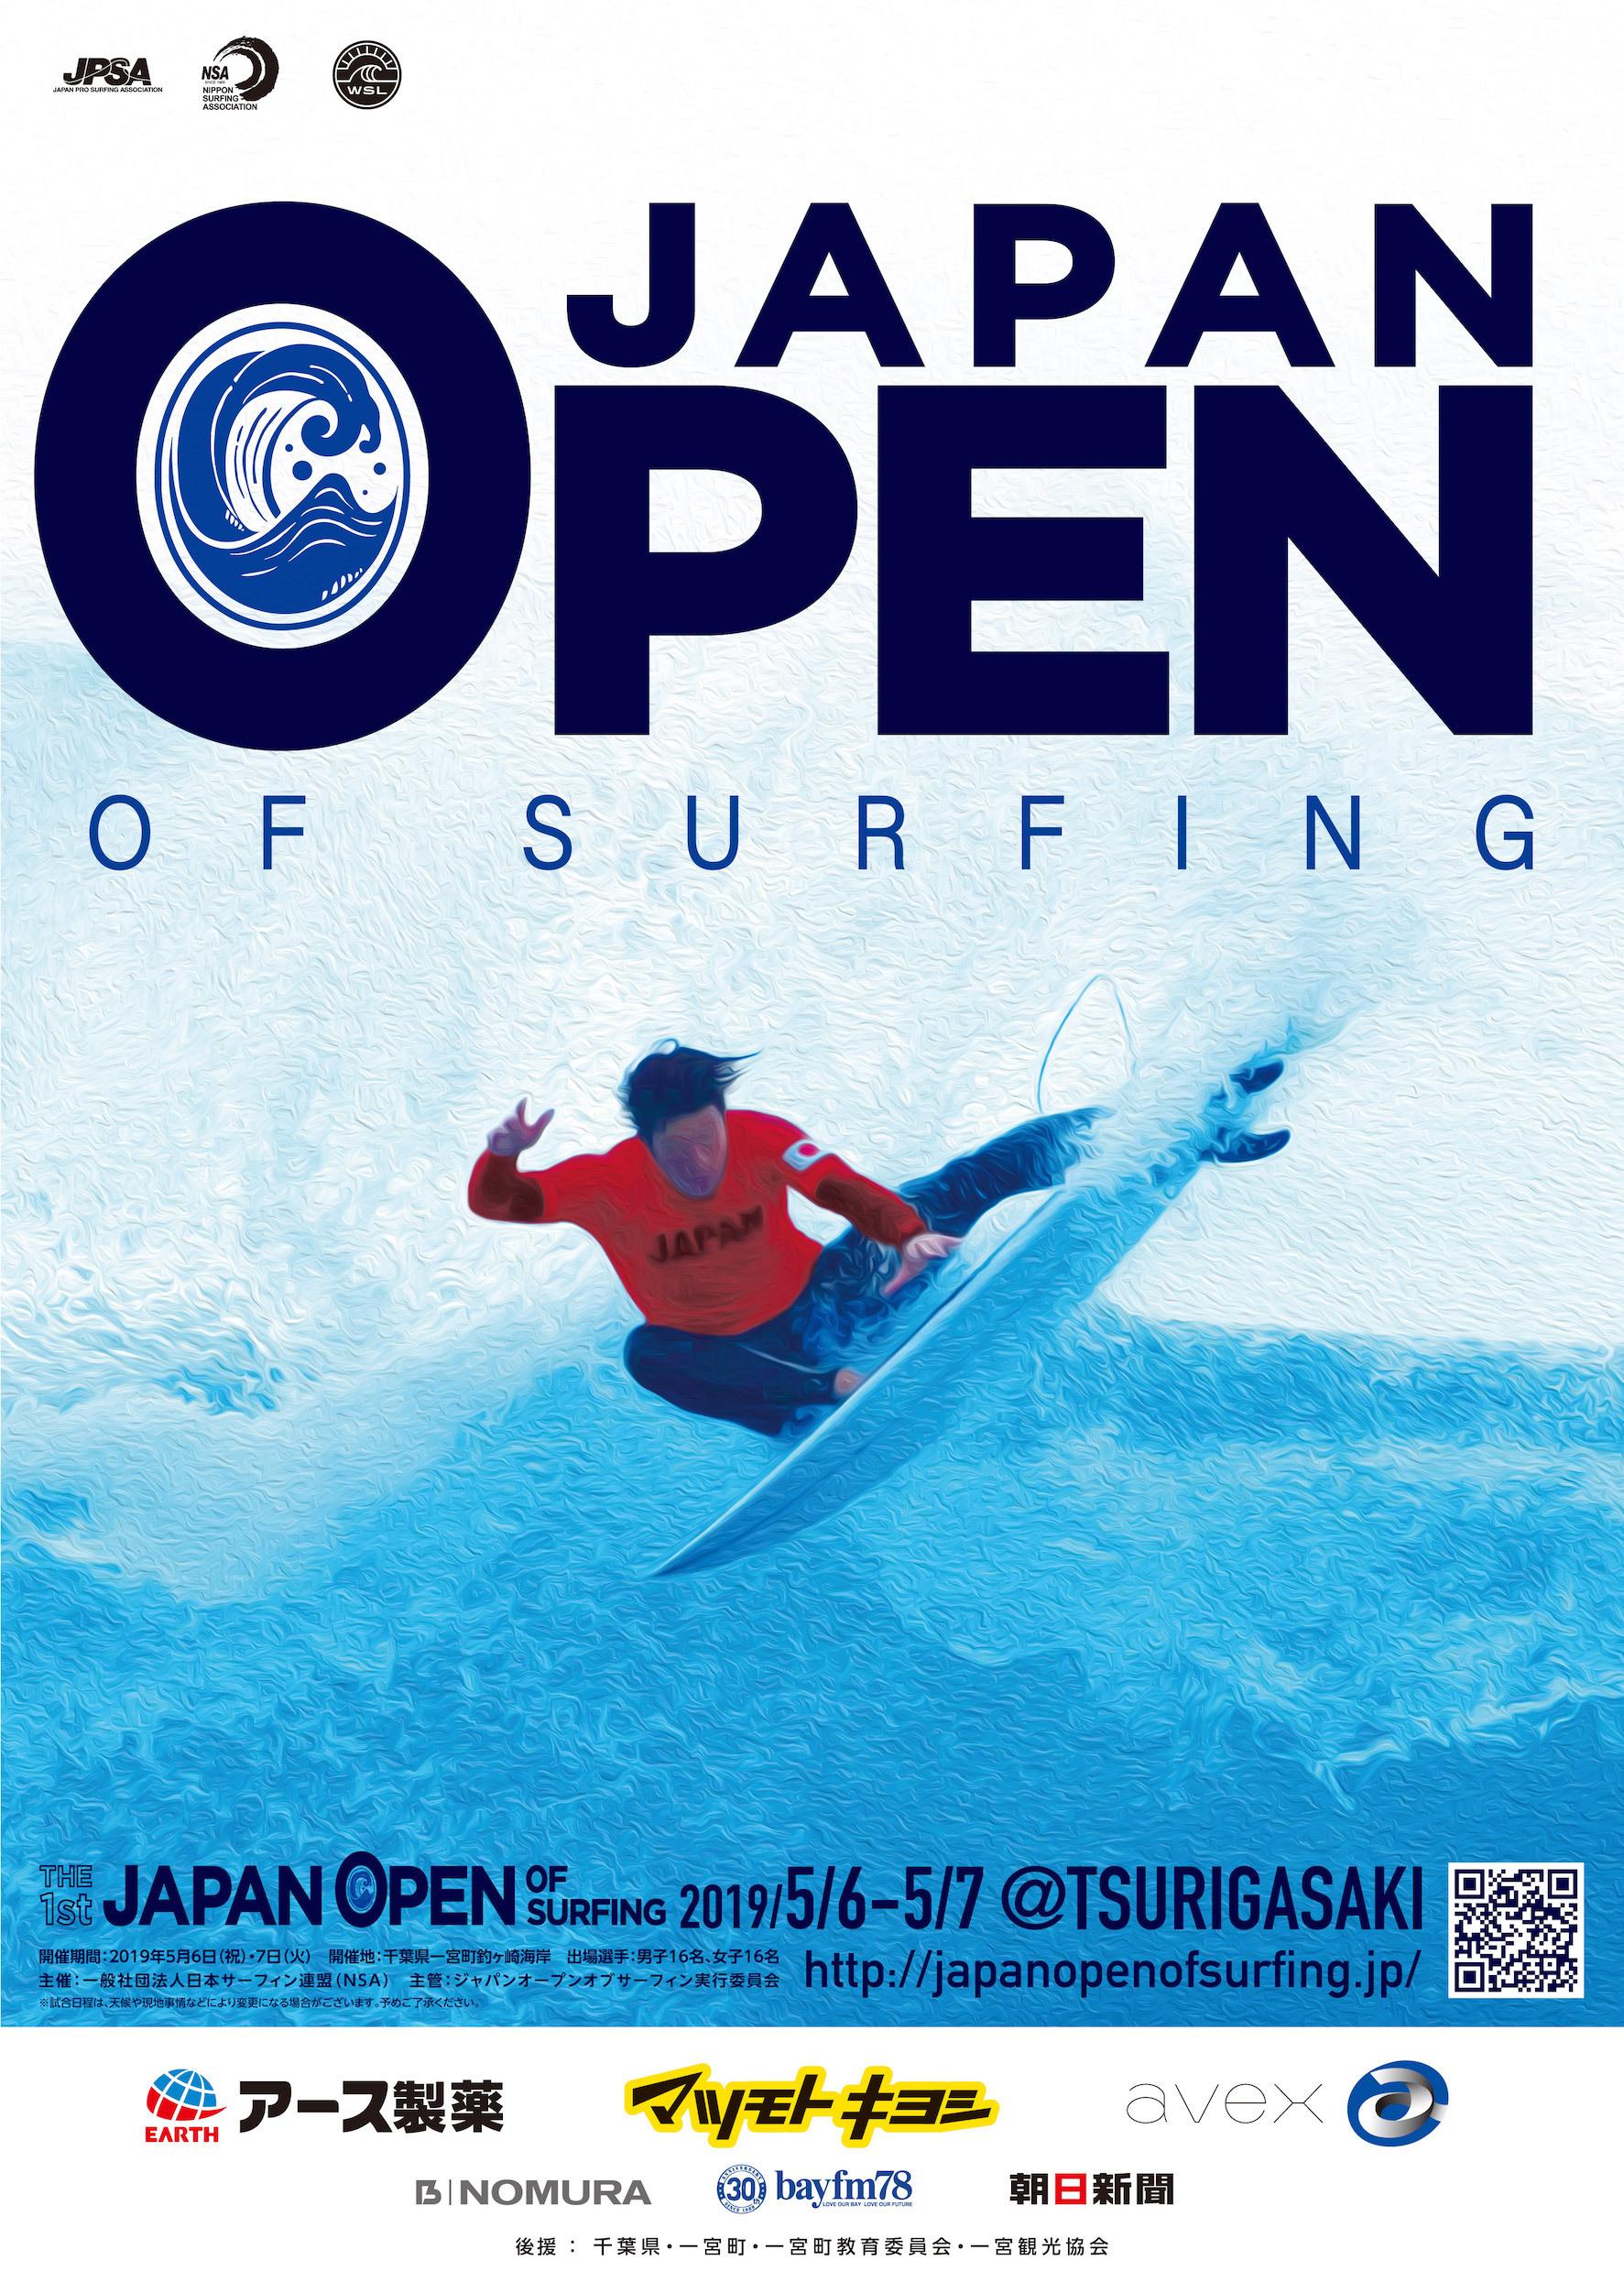 第1回 ジャパンオープンオブサーフィン